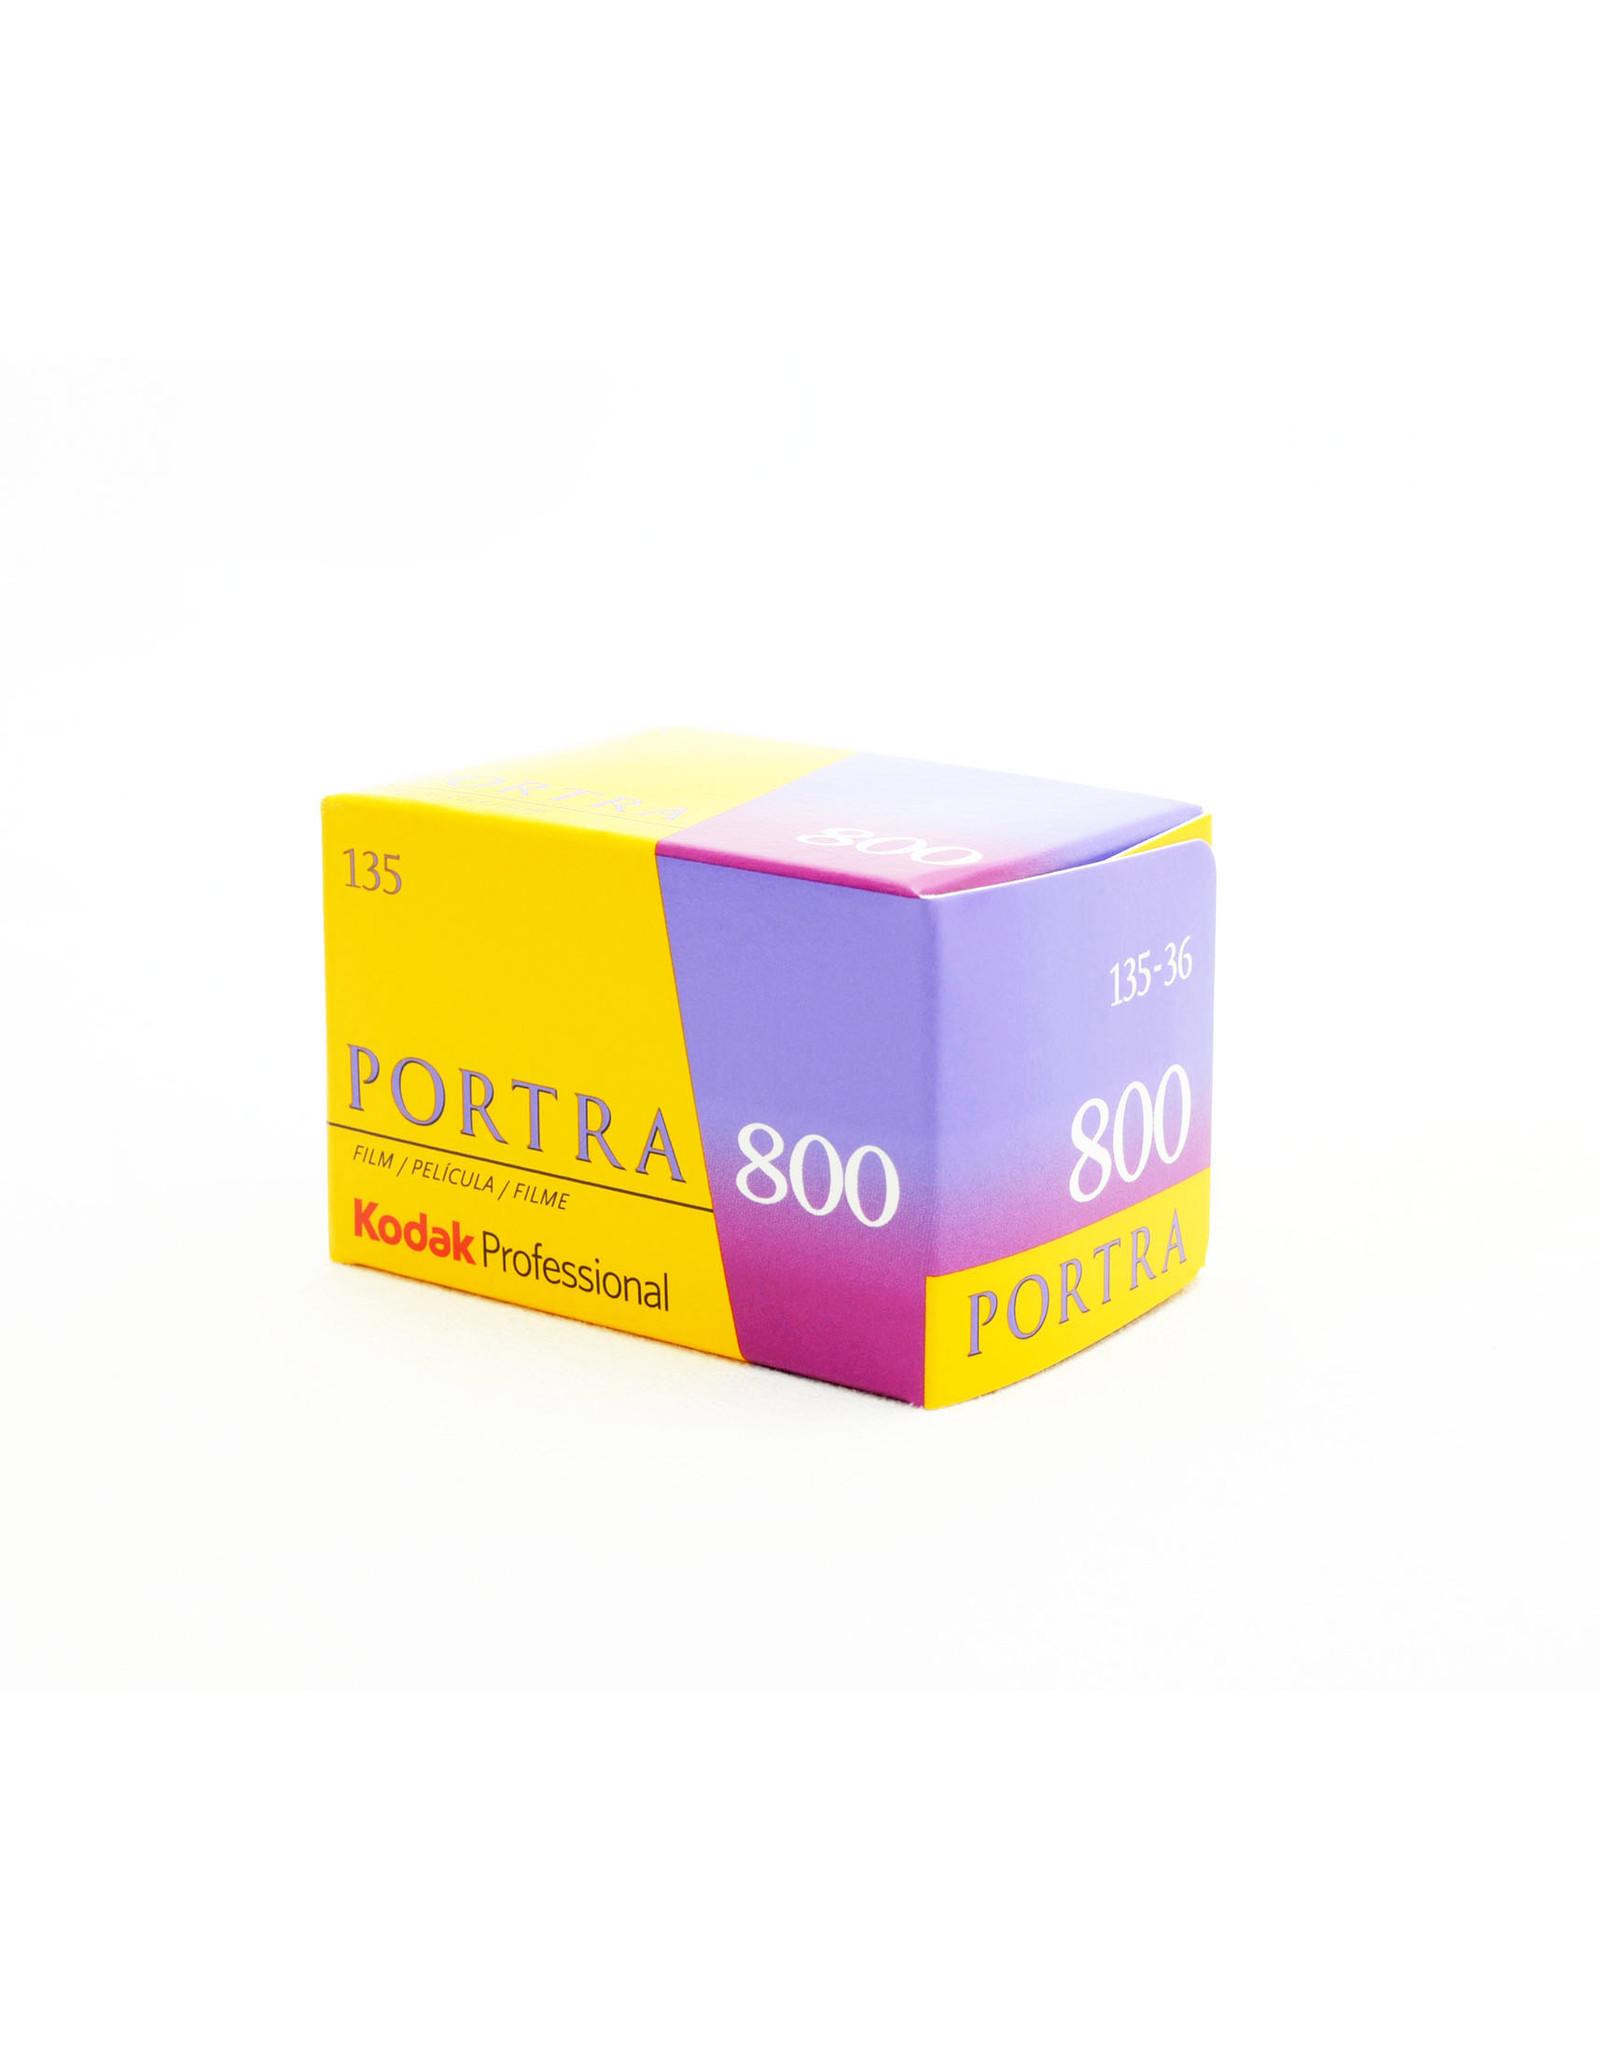 Kodak Kodak Portra 800 (135/36 exp.)